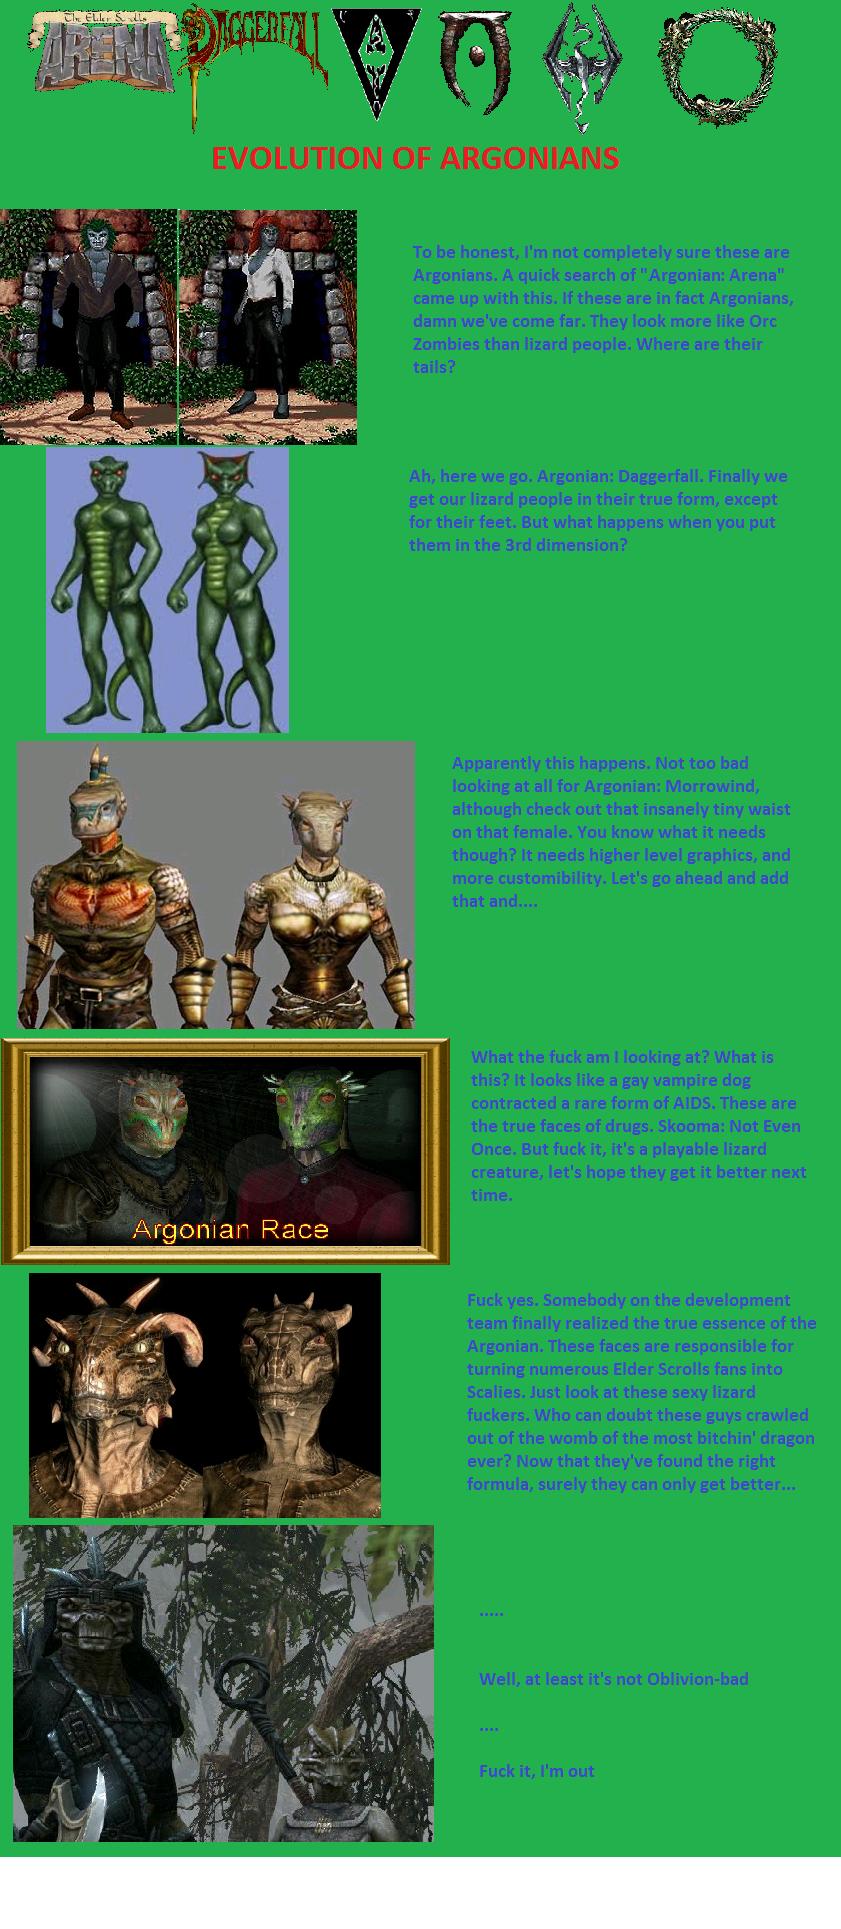 TES: Evolution of Argonians